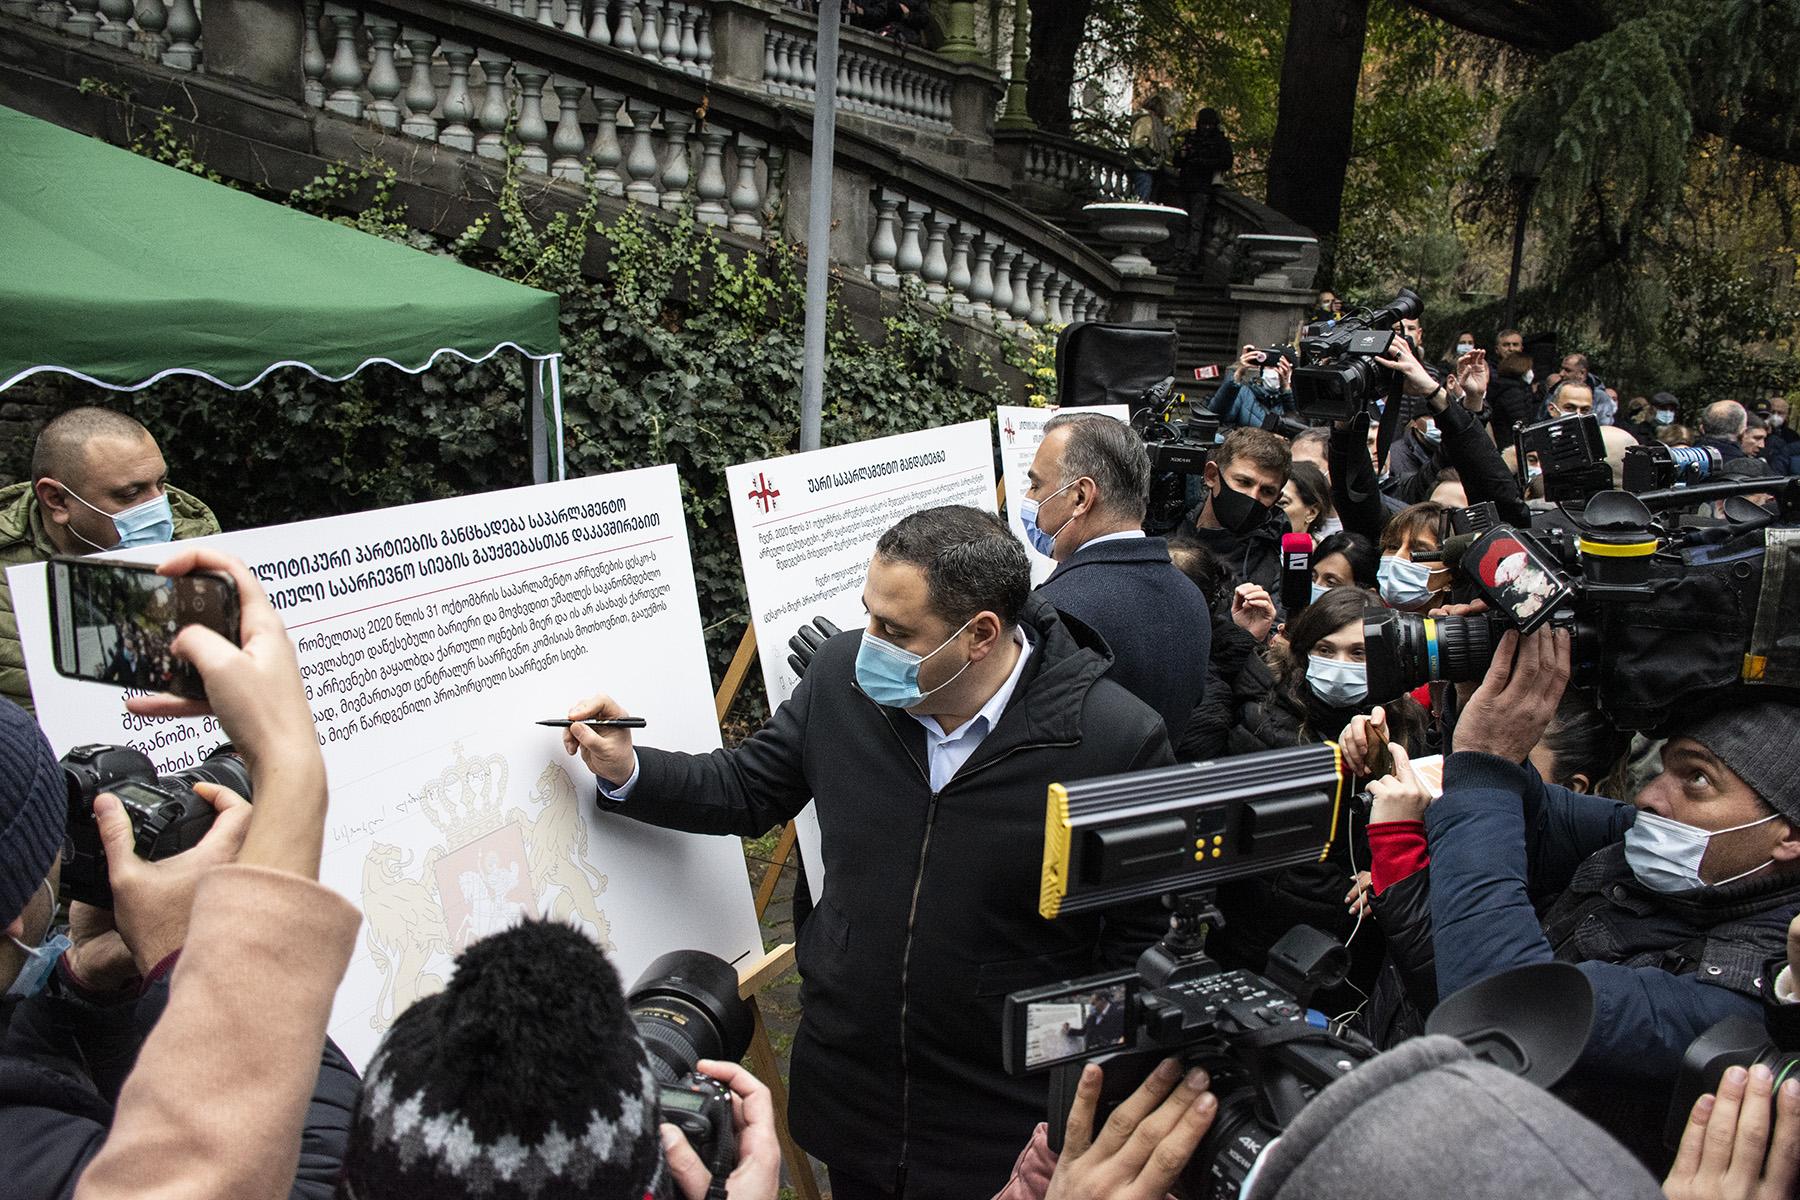 Signing the memorandum. Photo: Mariam Nikuradze/OC Media.